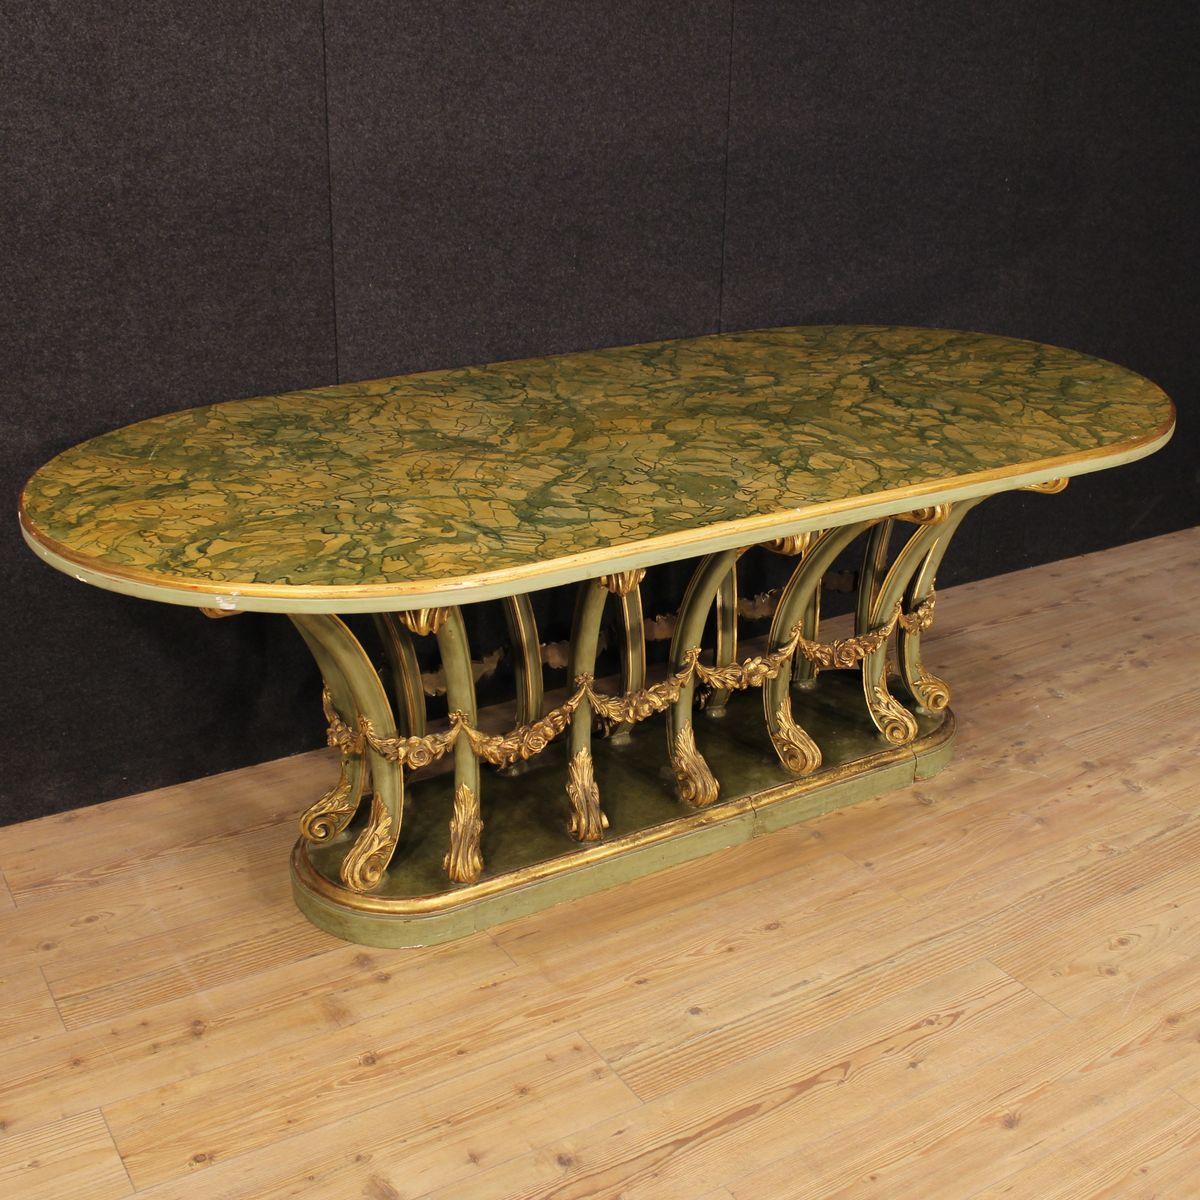 italienischer lackierter vergoldeter tisch aus holz bei. Black Bedroom Furniture Sets. Home Design Ideas